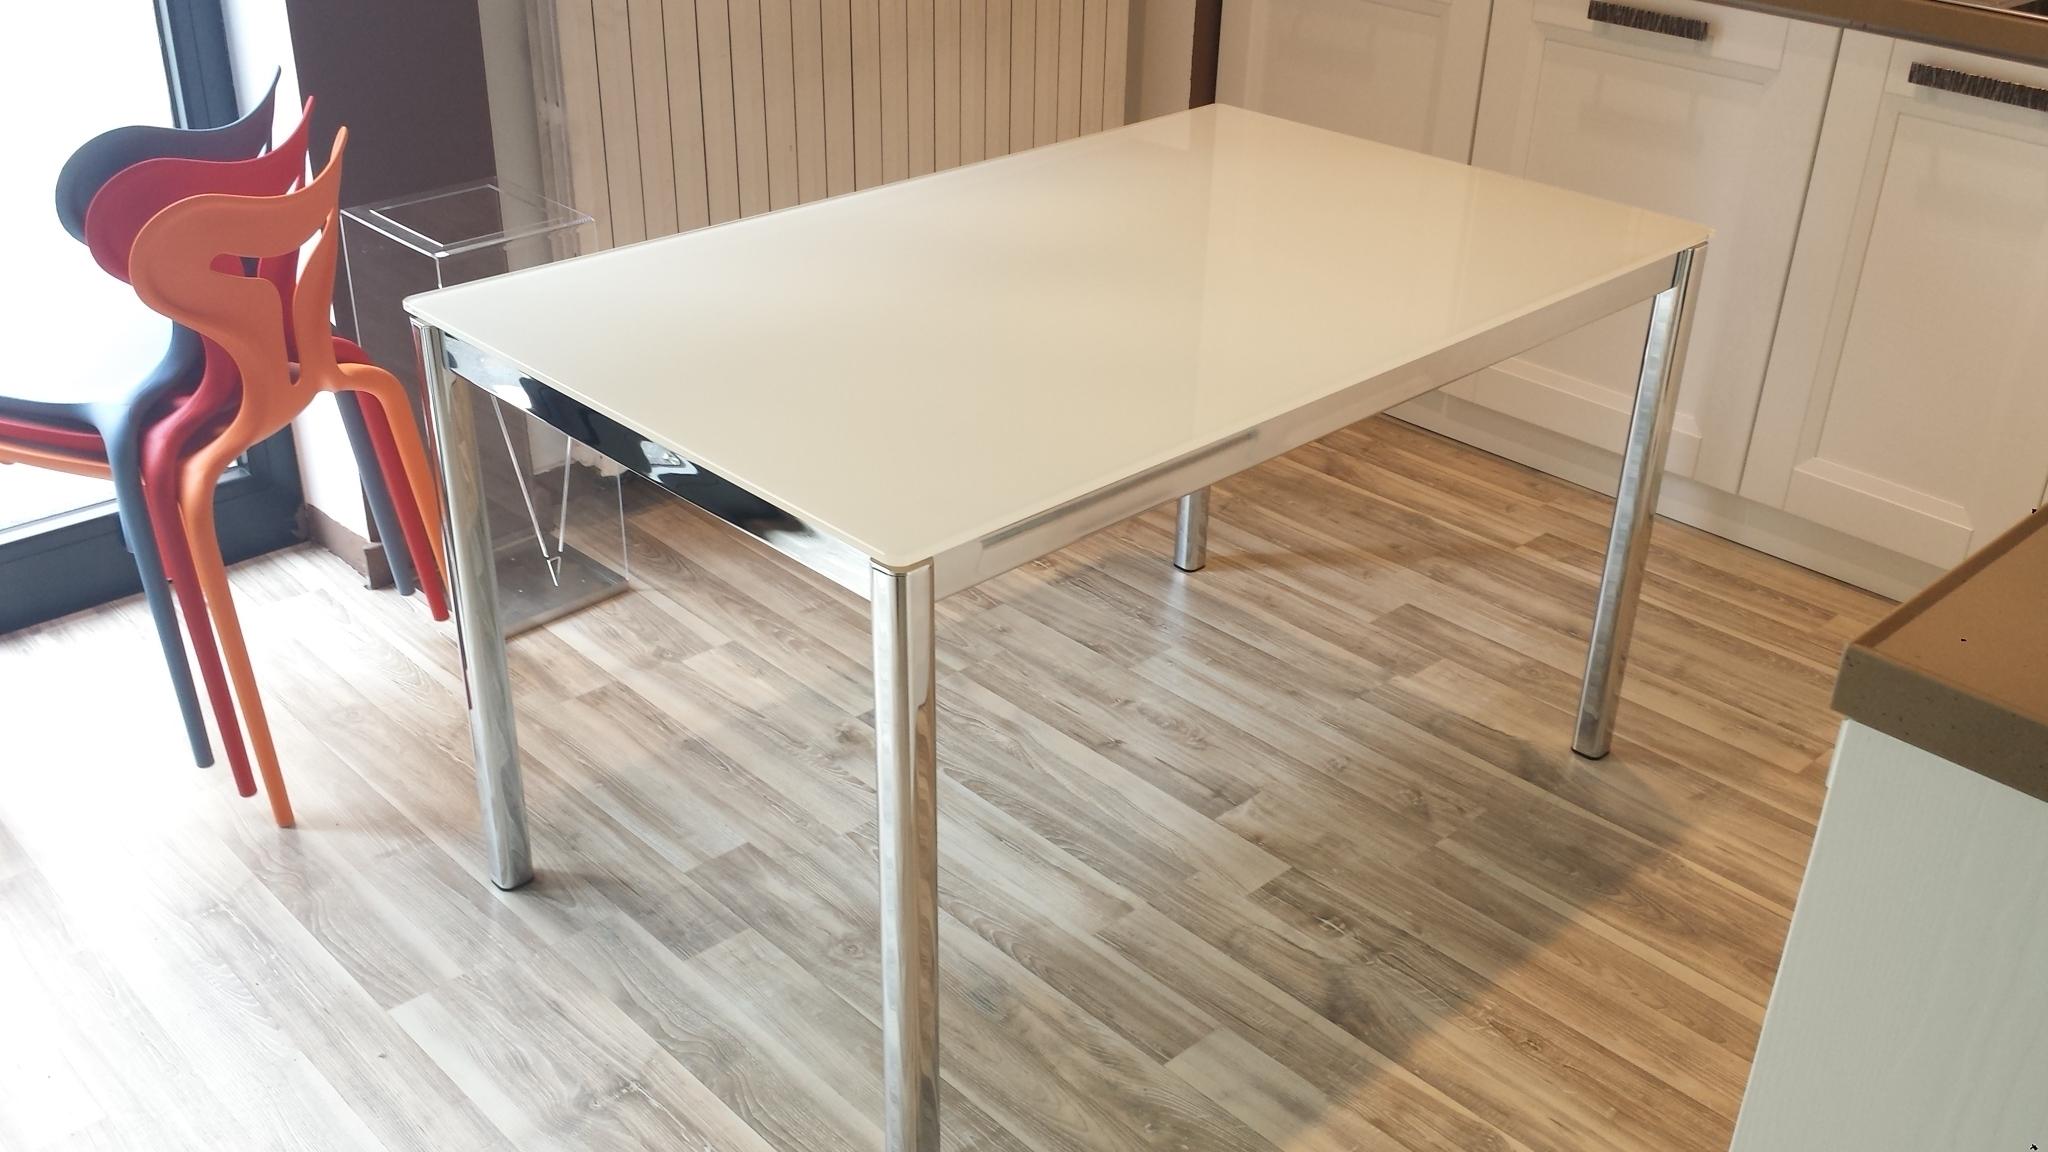 Tavolo da cucina allungabile performance 20855 tavoli a prezzi scontati - Tavolo vetro allungabile calligaris ...